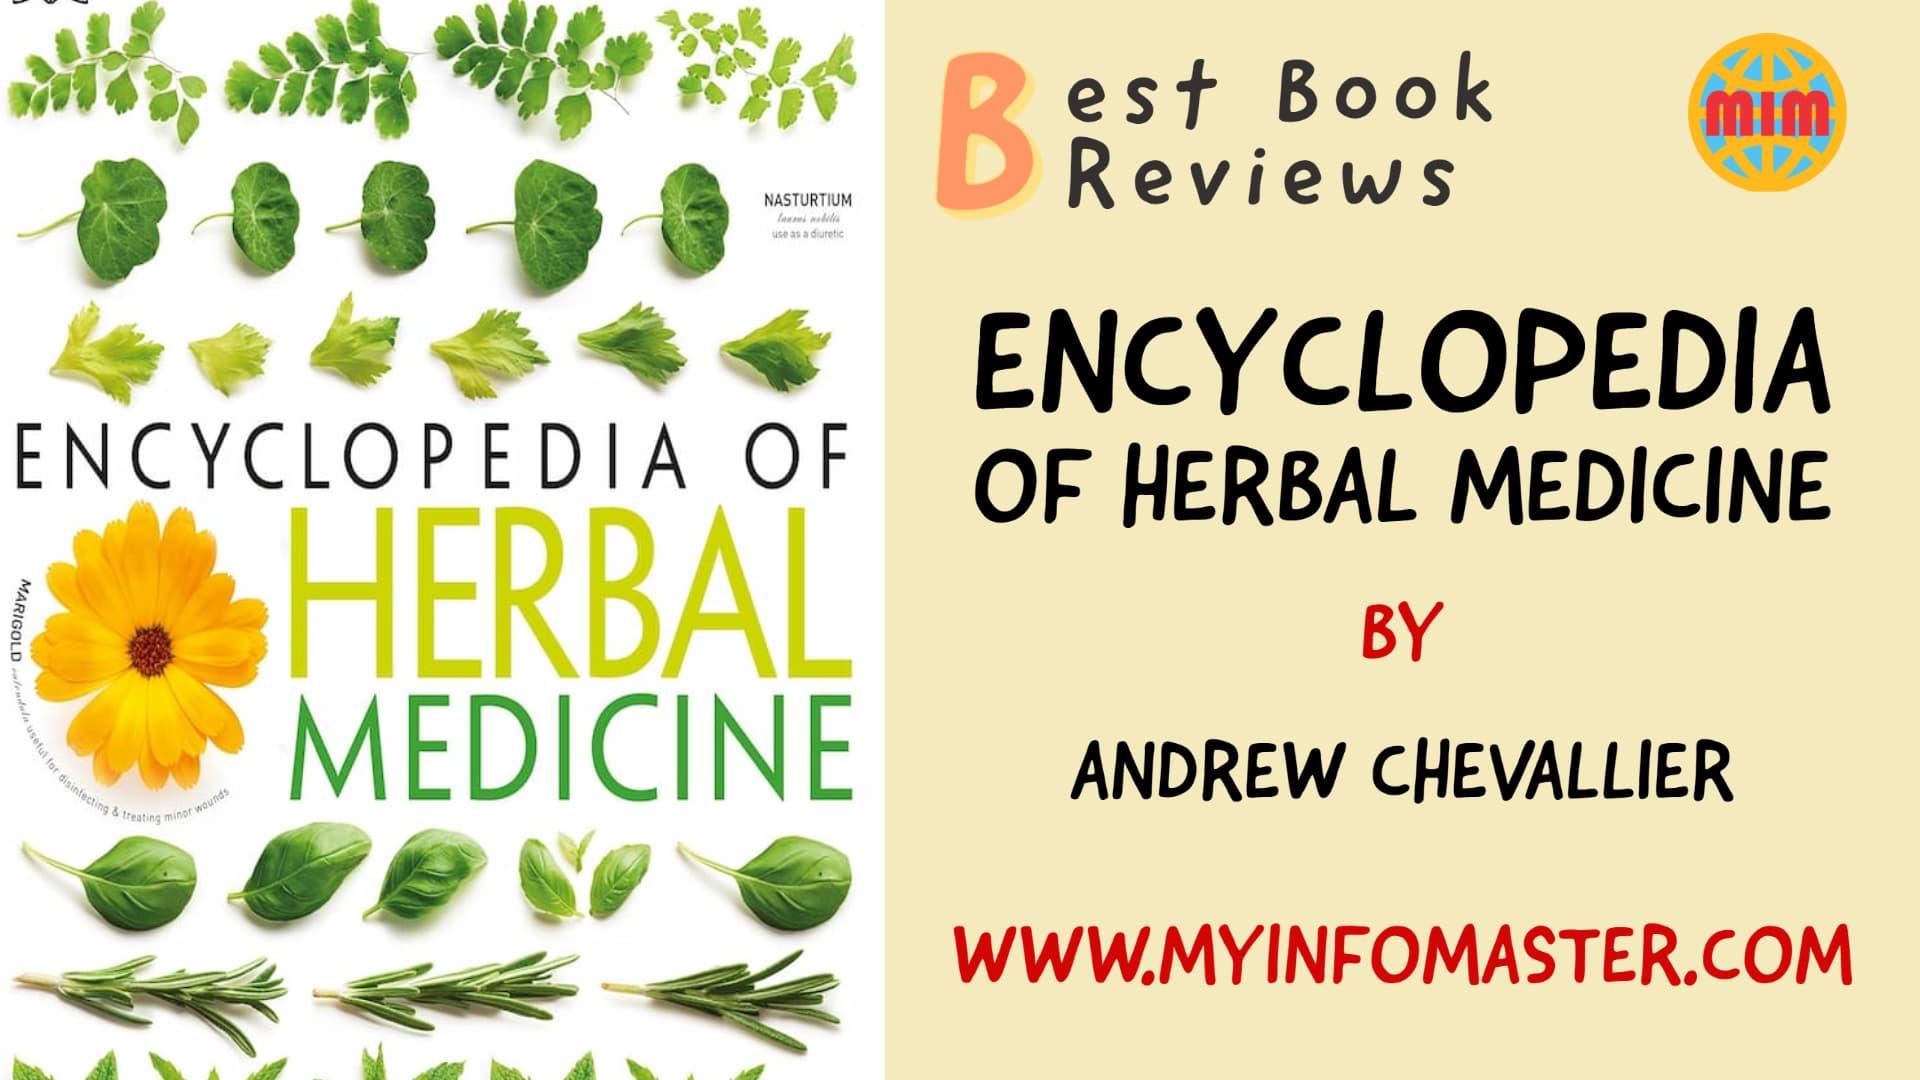 alkaline herbal medicine, best books, Encyclopedia of Herbal Medicine, Herbal Medicine, herbal medicine books, Herbal Medicine by Andrew Chevallier